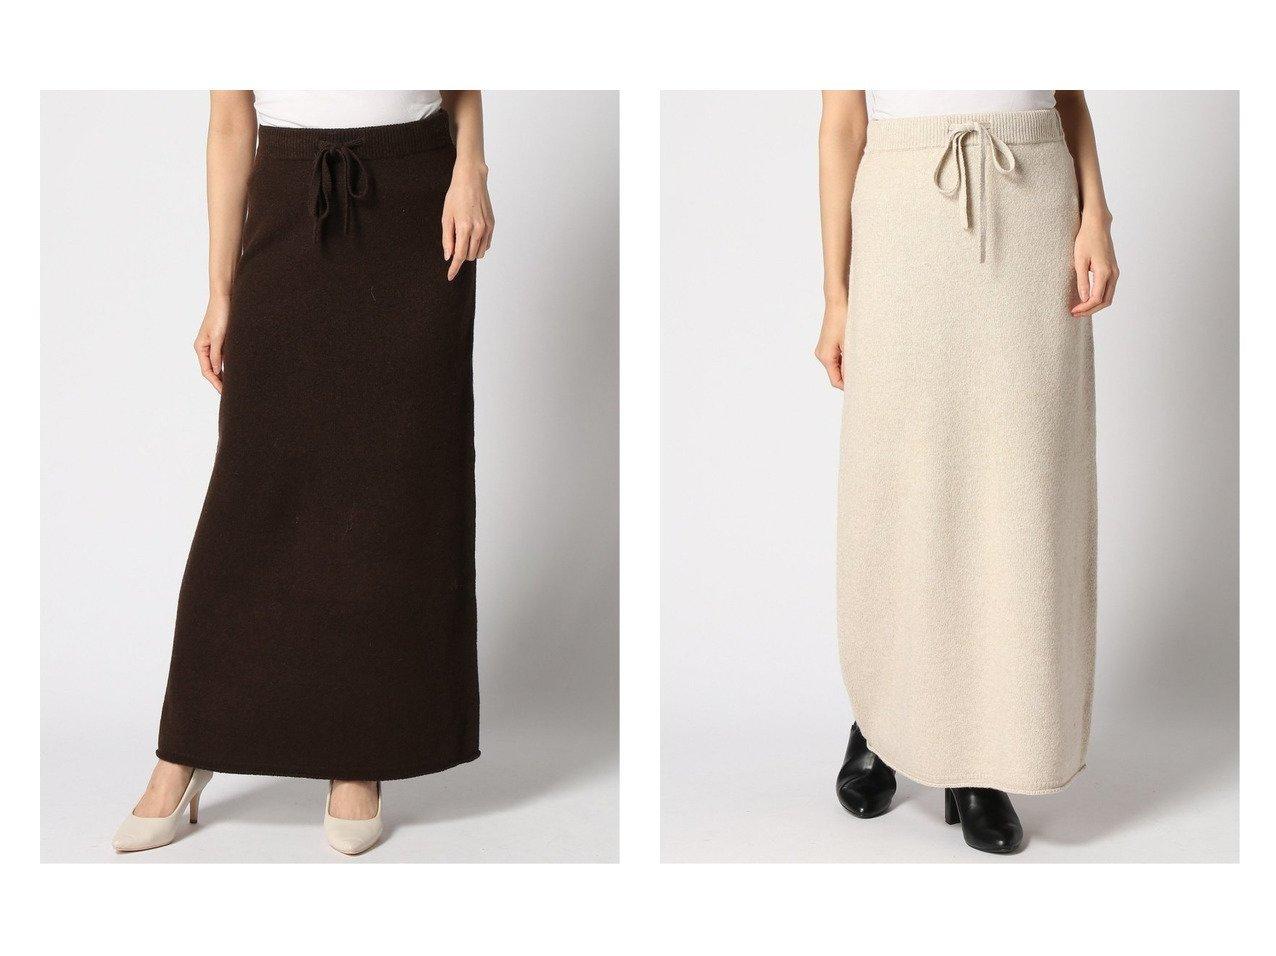 【Plage/プラージュ】のboucle nuance ニットスカート スカートのおすすめ!人気、トレンド・レディースファッションの通販 おすすめで人気の流行・トレンド、ファッションの通販商品 メンズファッション・キッズファッション・インテリア・家具・レディースファッション・服の通販 founy(ファニー) https://founy.com/ ファッション Fashion レディースファッション WOMEN スカート Skirt Aライン/フレアスカート Flared A-Line Skirts 2020年 2020 2020-2021 秋冬 A/W AW Autumn/Winter / FW Fall-Winter 2020-2021 A/W 秋冬 AW Autumn/Winter / FW Fall-Winter フィット フレア ロング |ID:crp329100000014444